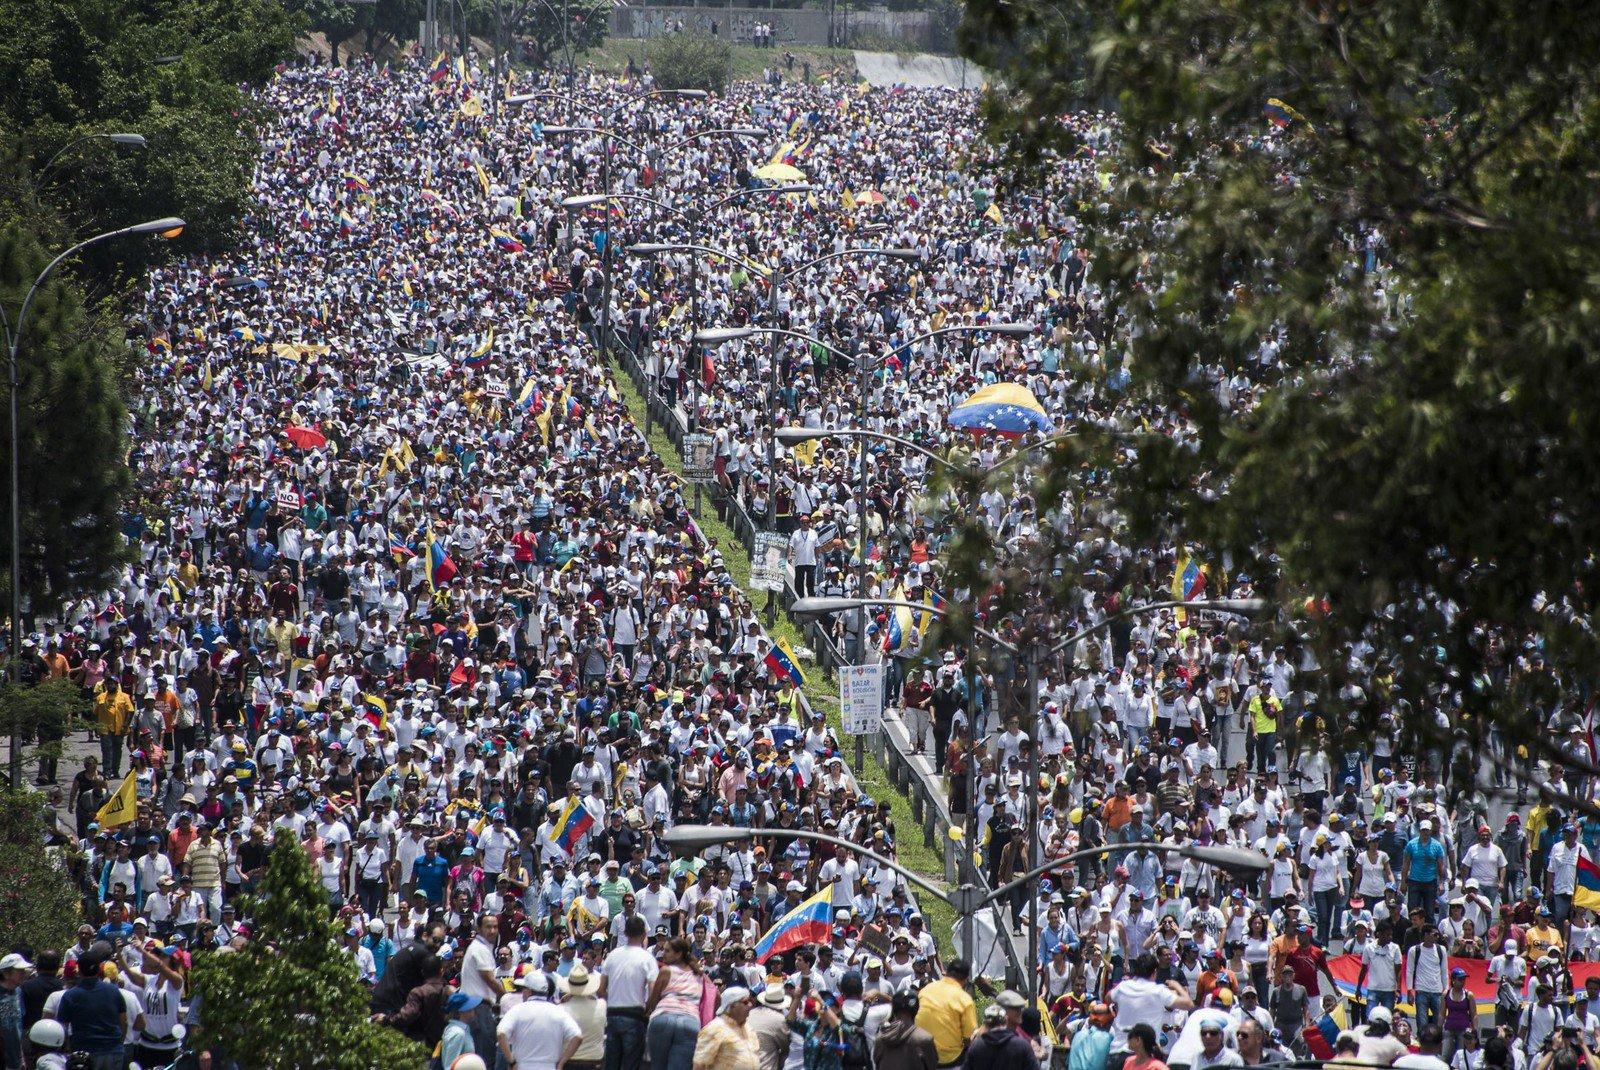 Manifestantes contra e pró Maduro vão às ruas na Venezuela - https://t.co/29J7qk57o8 https://t.co/Pr4wviX8Fy